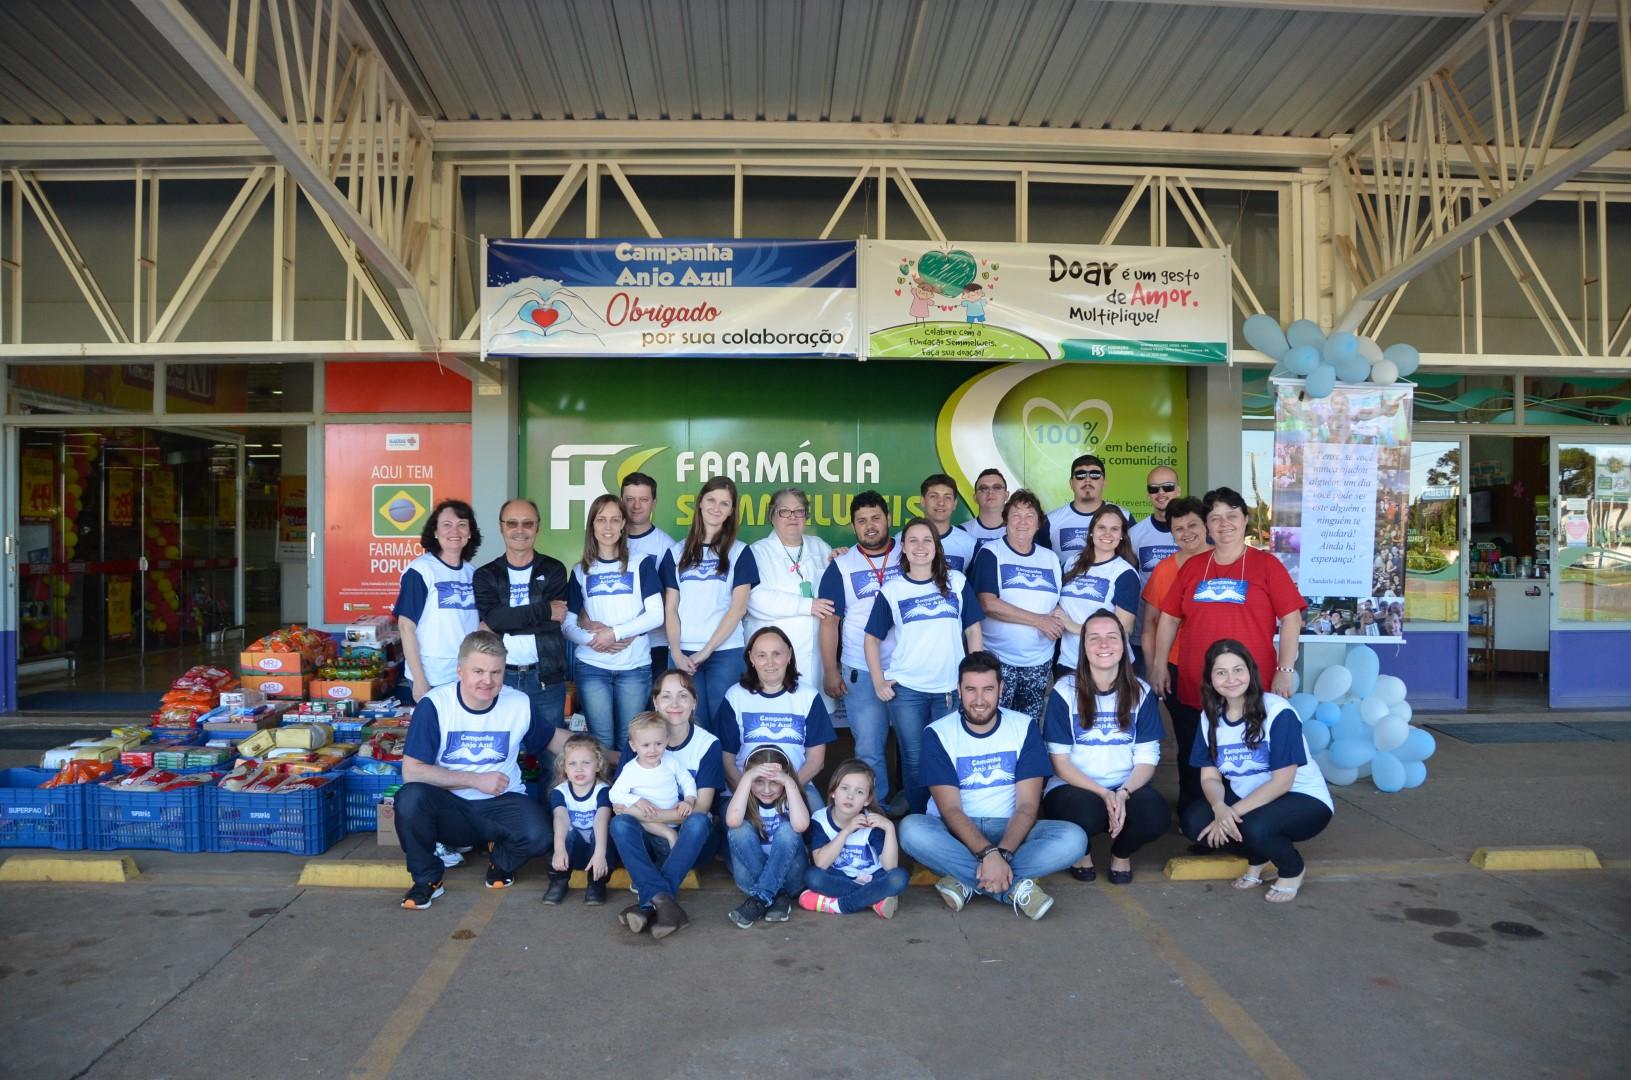 Campanha Anjo Azul 2017 - Foram arrecadados 1.700 kg de alimentos e R$ 1.800,00Campanha Anjo Azul 2017 - Foram arrecadados 1.700 kg de alimentos e R$ 1.800,00